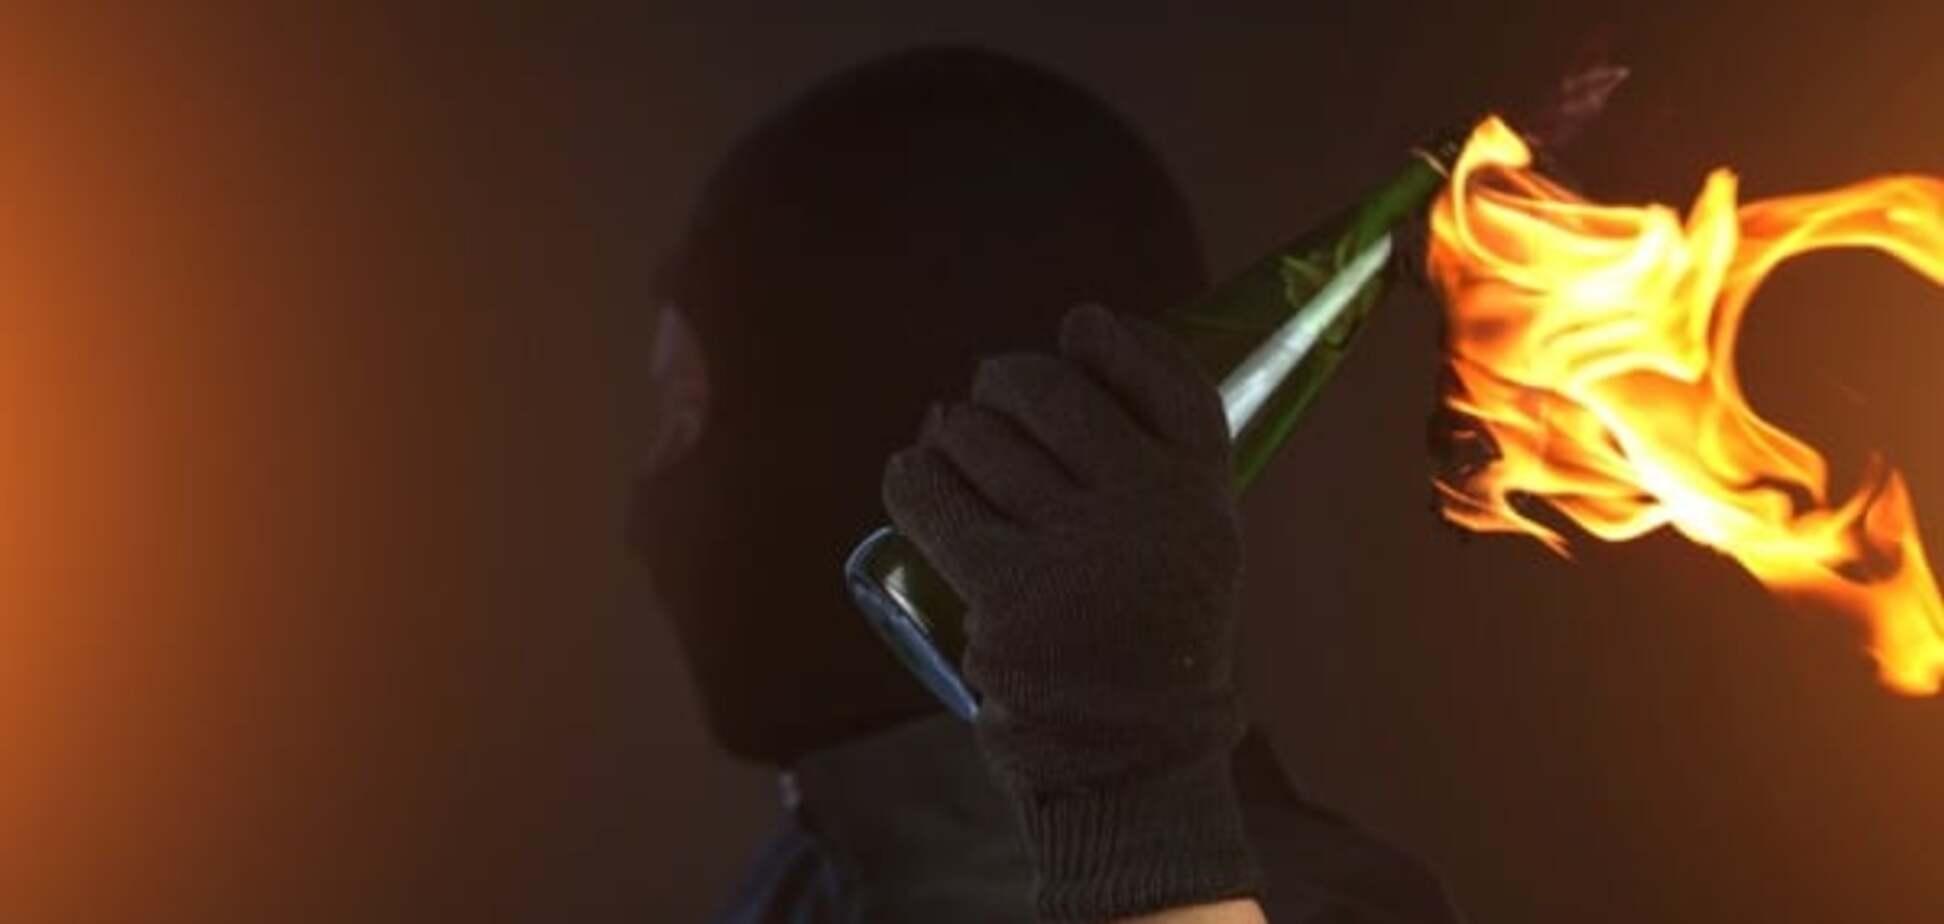 В Одесі диспетчерську закидали коктейлями Молотова: загинув охоронець